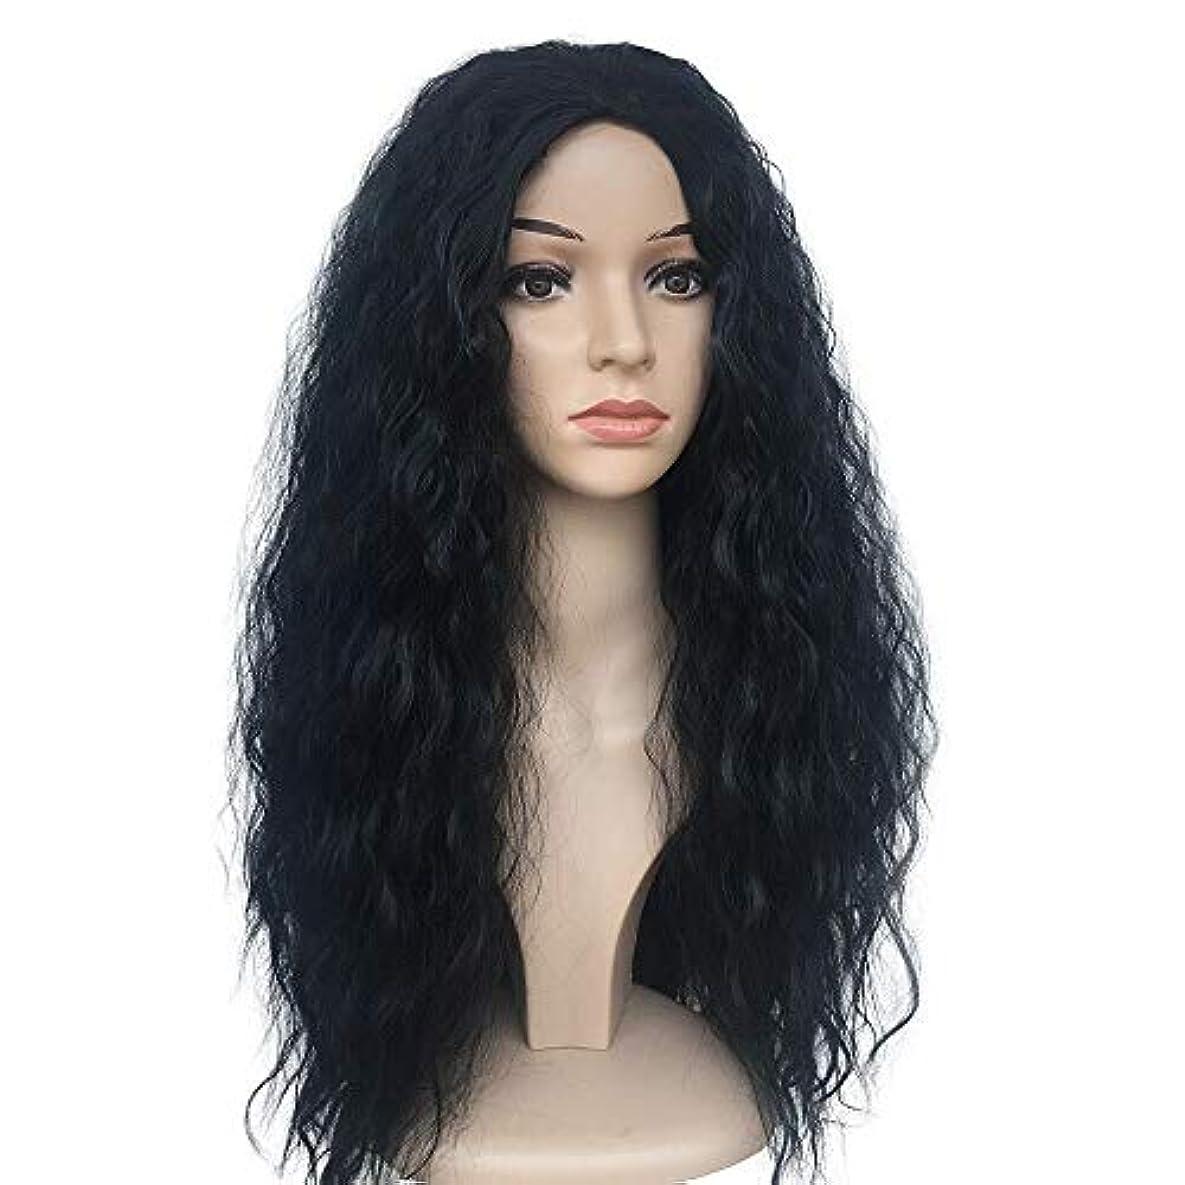 学者女の子ポーズかつらキャップロングウィッグでかつら女性のためのかつら高品質な人工毛髪コスプレ高密度かつら25.6インチv